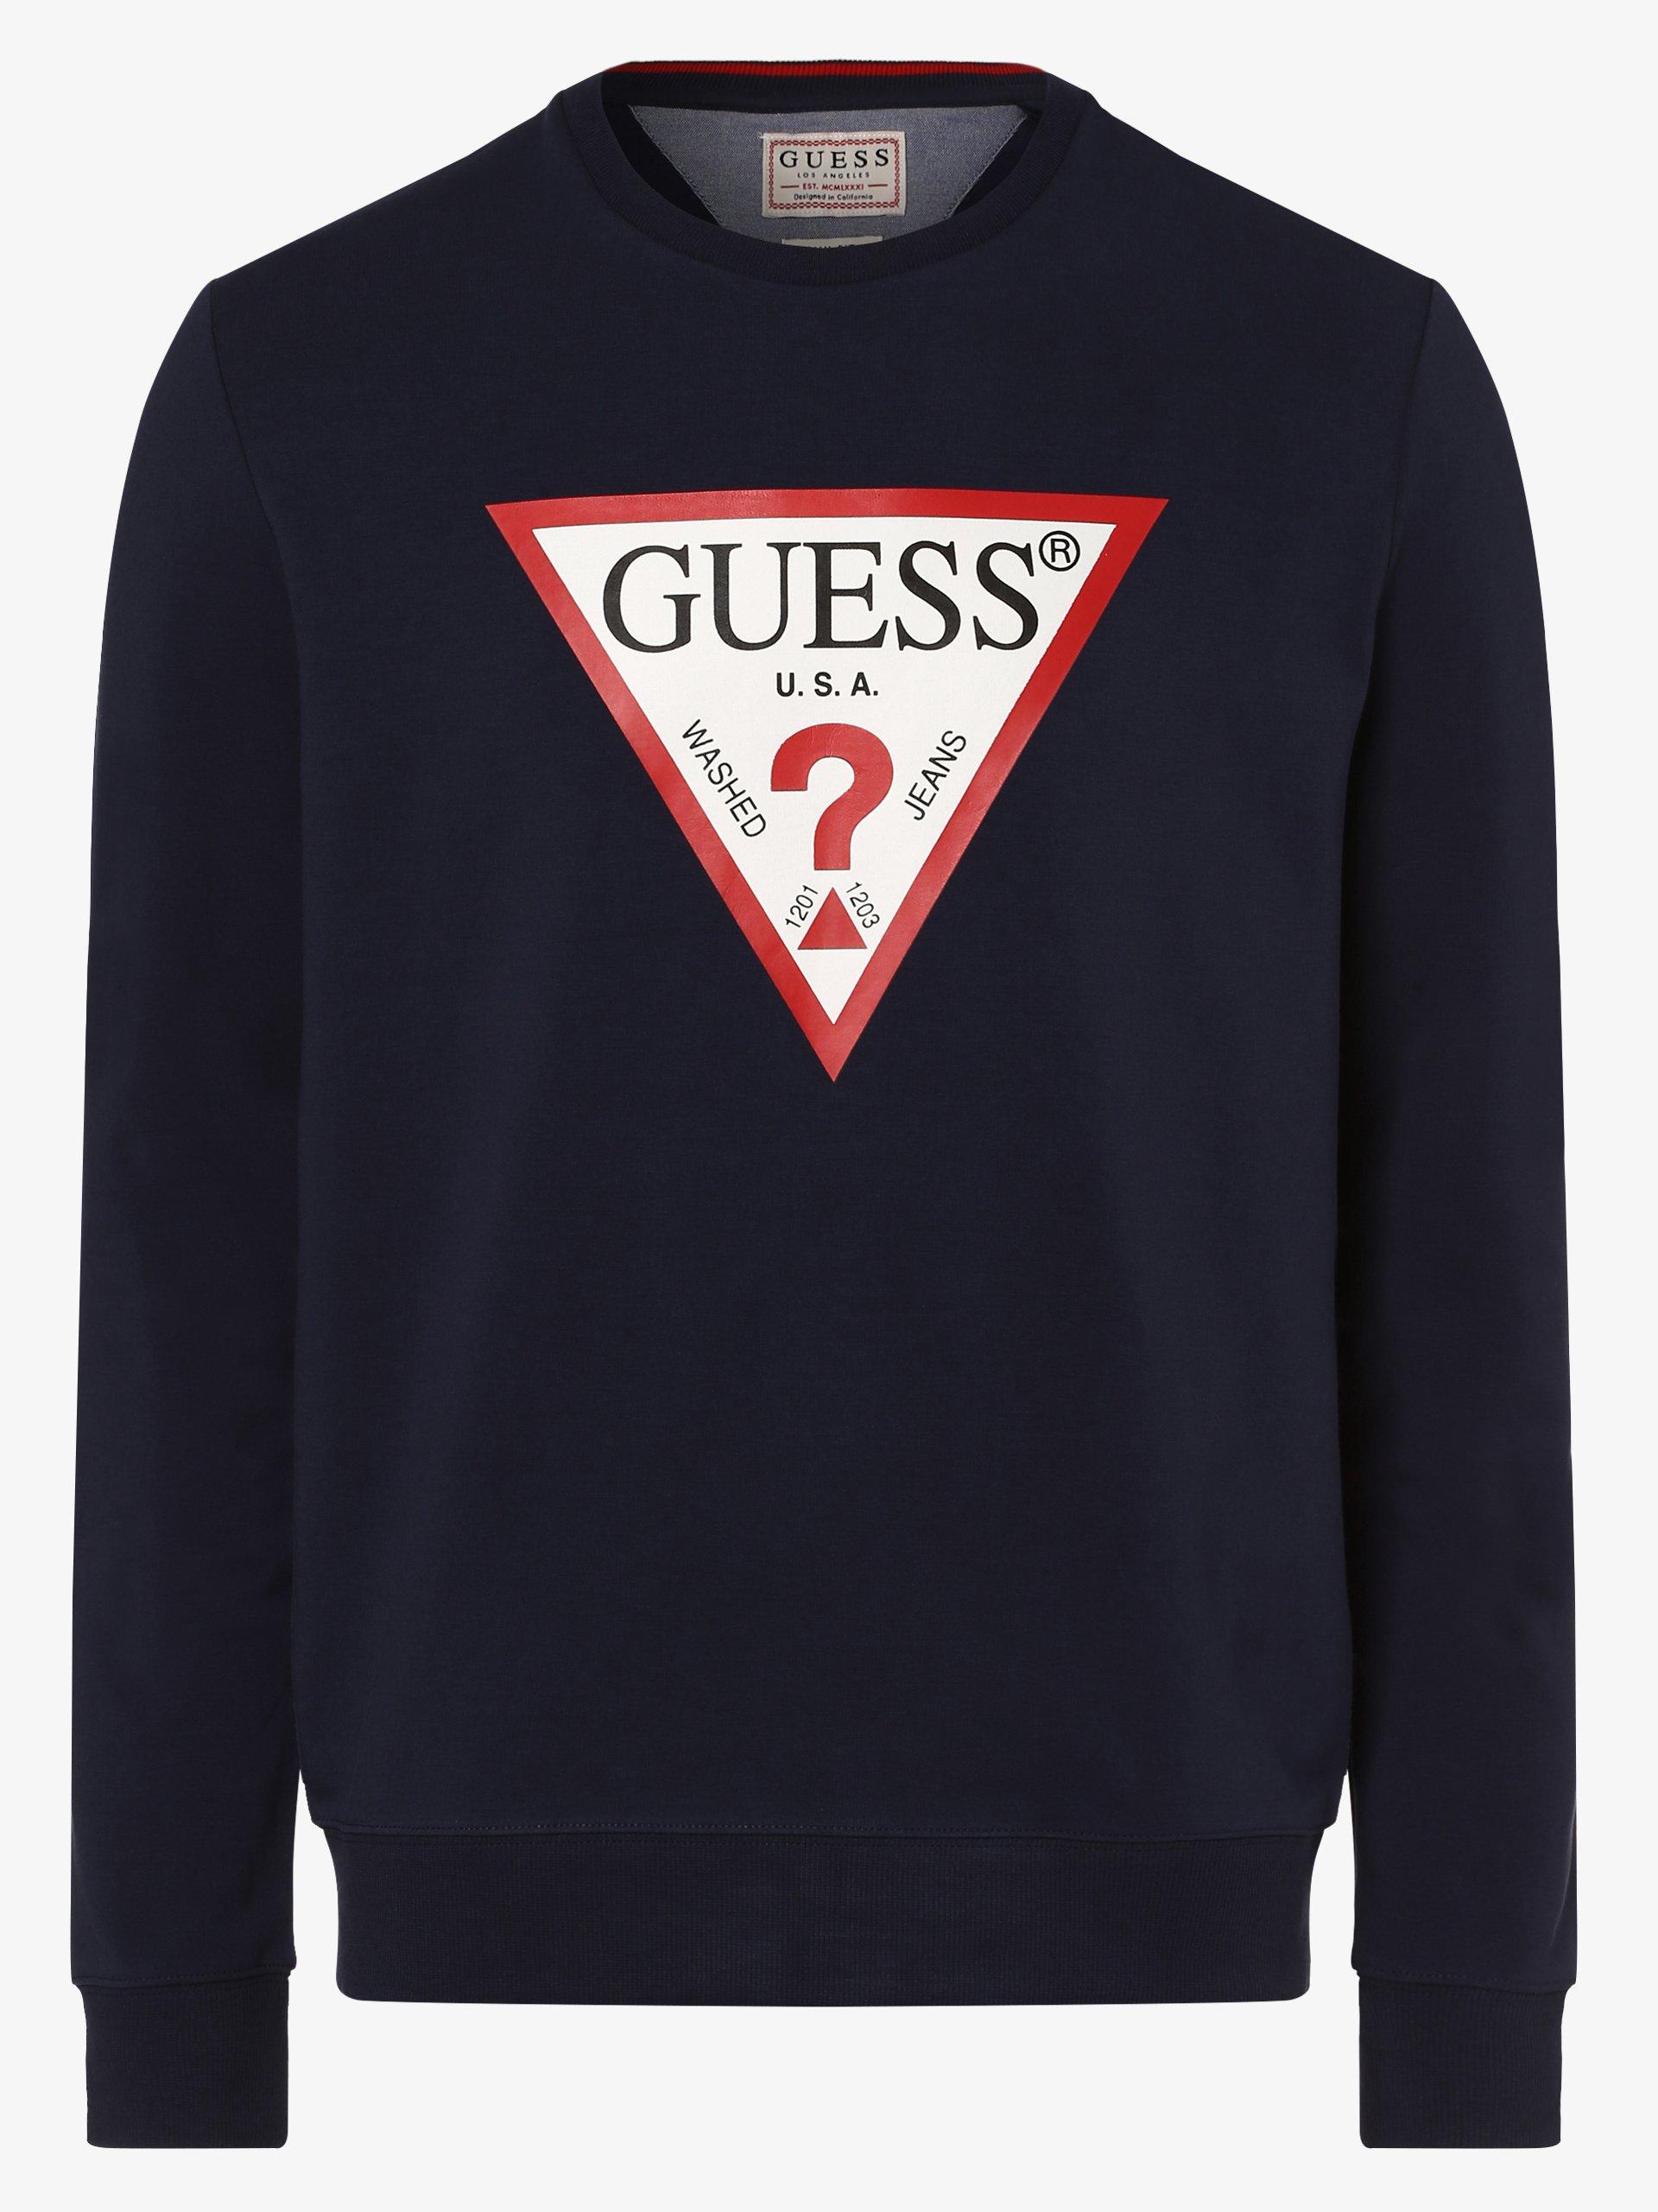 Guess Jeans Herren Sweatshirt